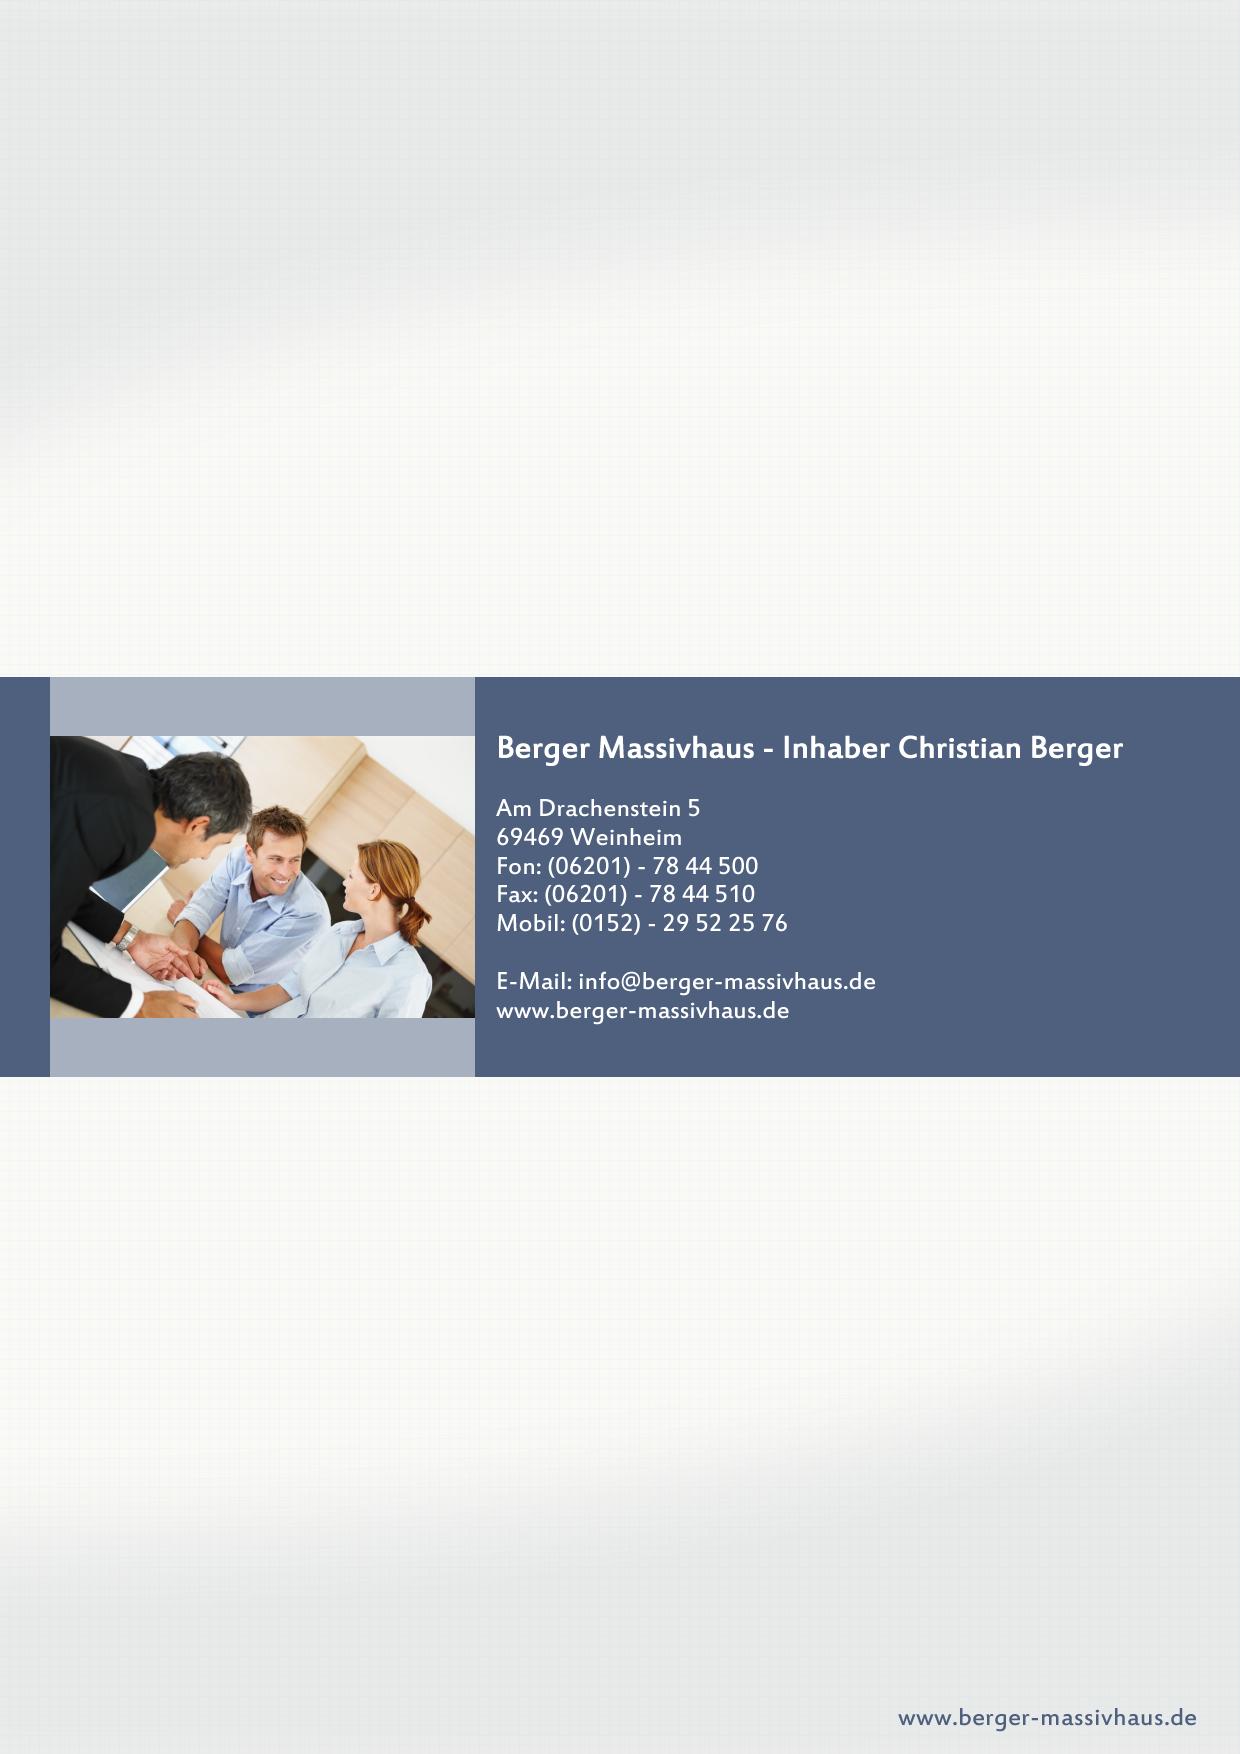 Berger Massivhaus berger massivhaus the best haus berger ideas on